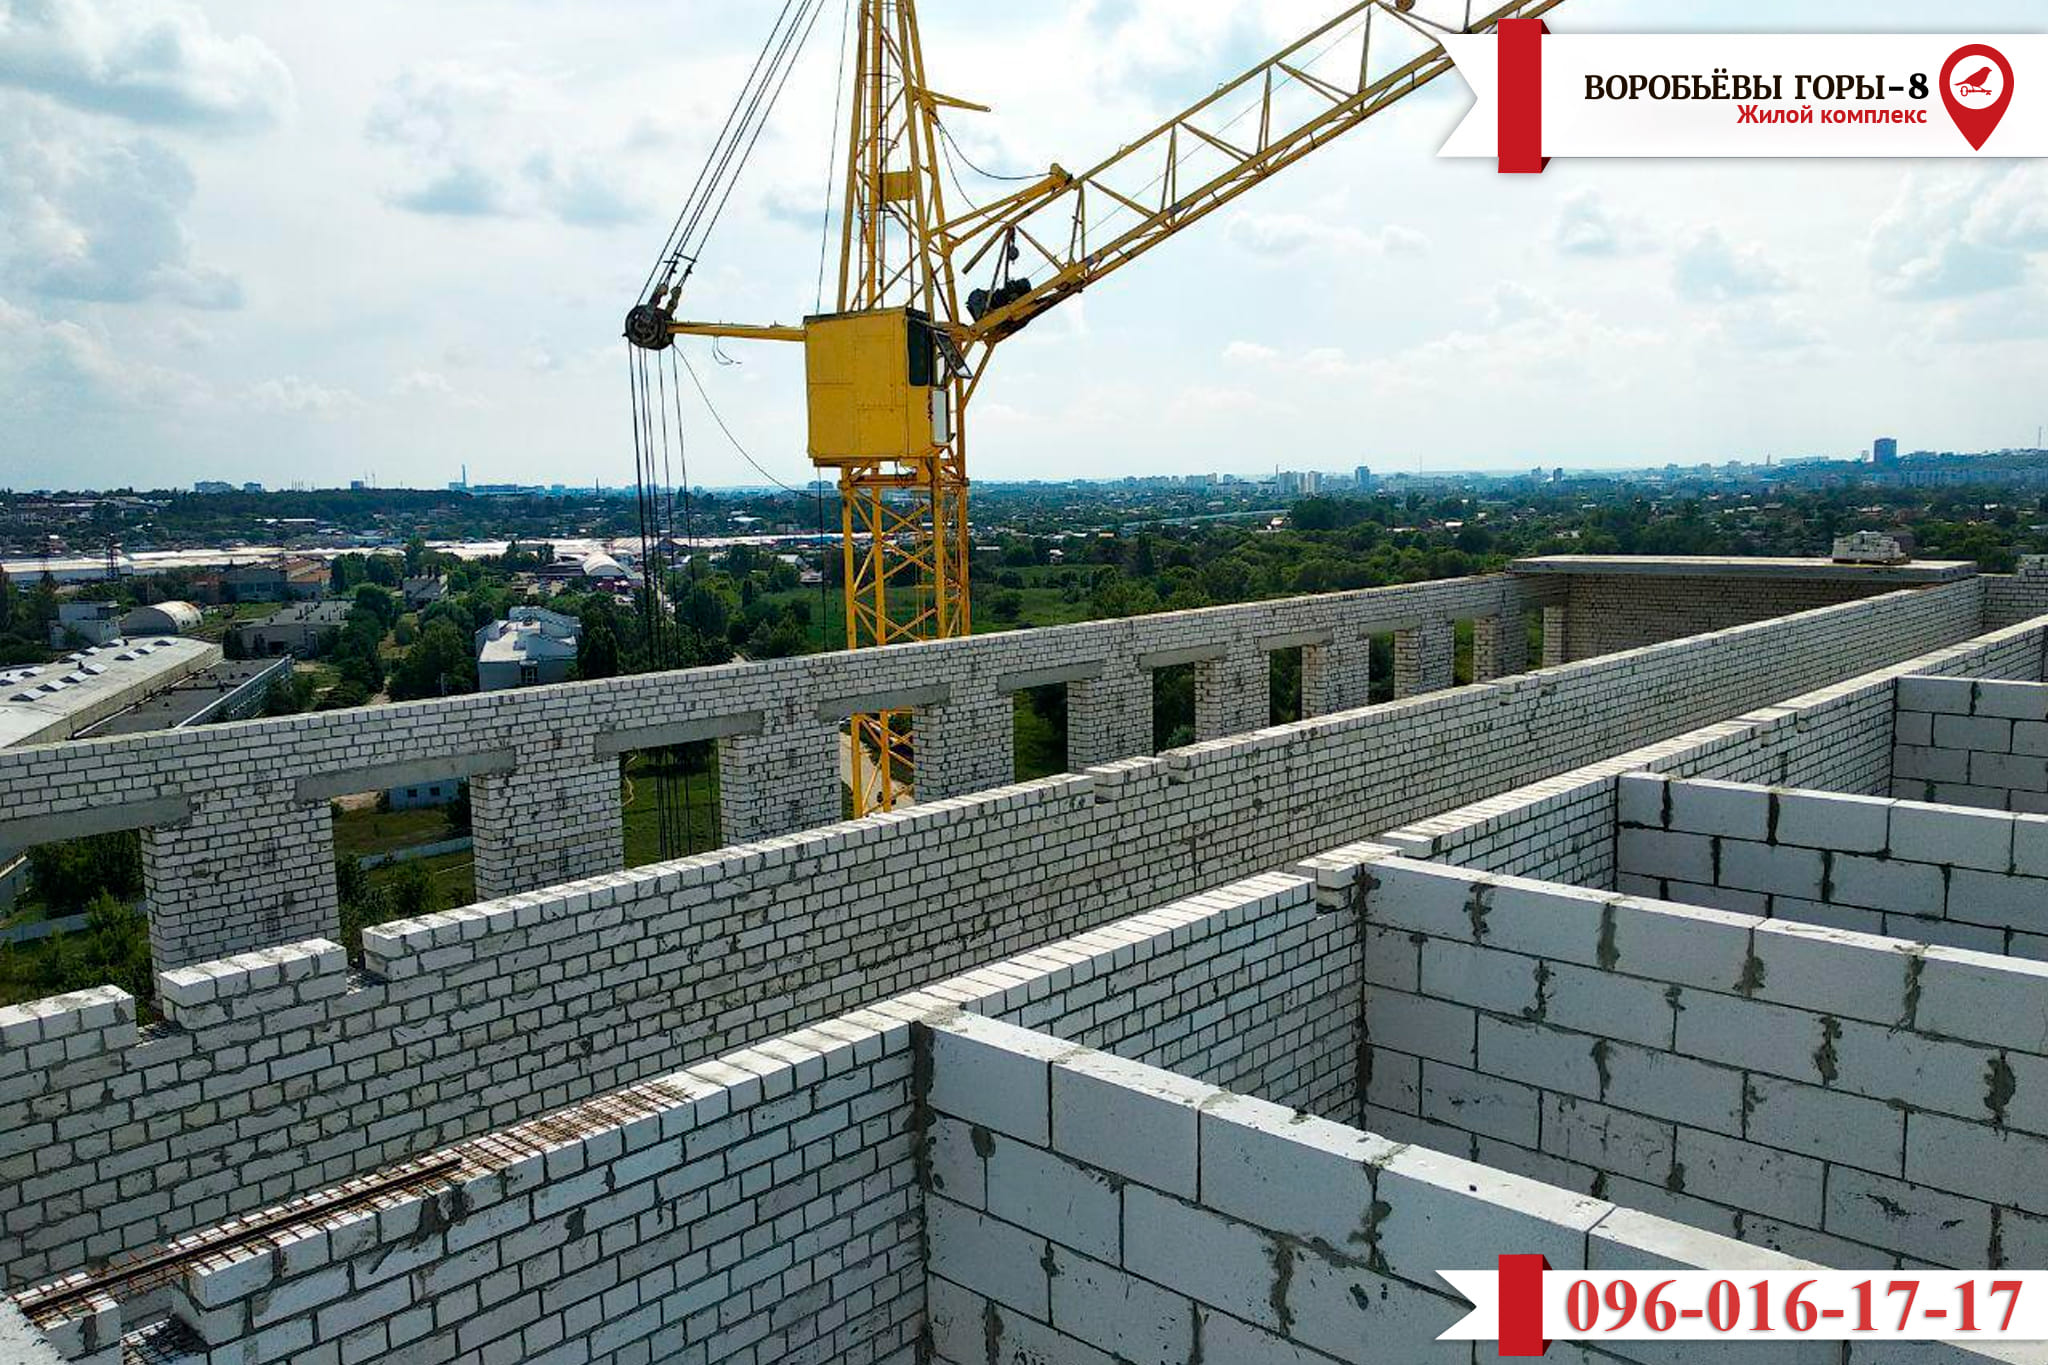 """Завершающий этап строительства восьмого дома в ЖК """"Воробьевы горы"""" Отвязать"""